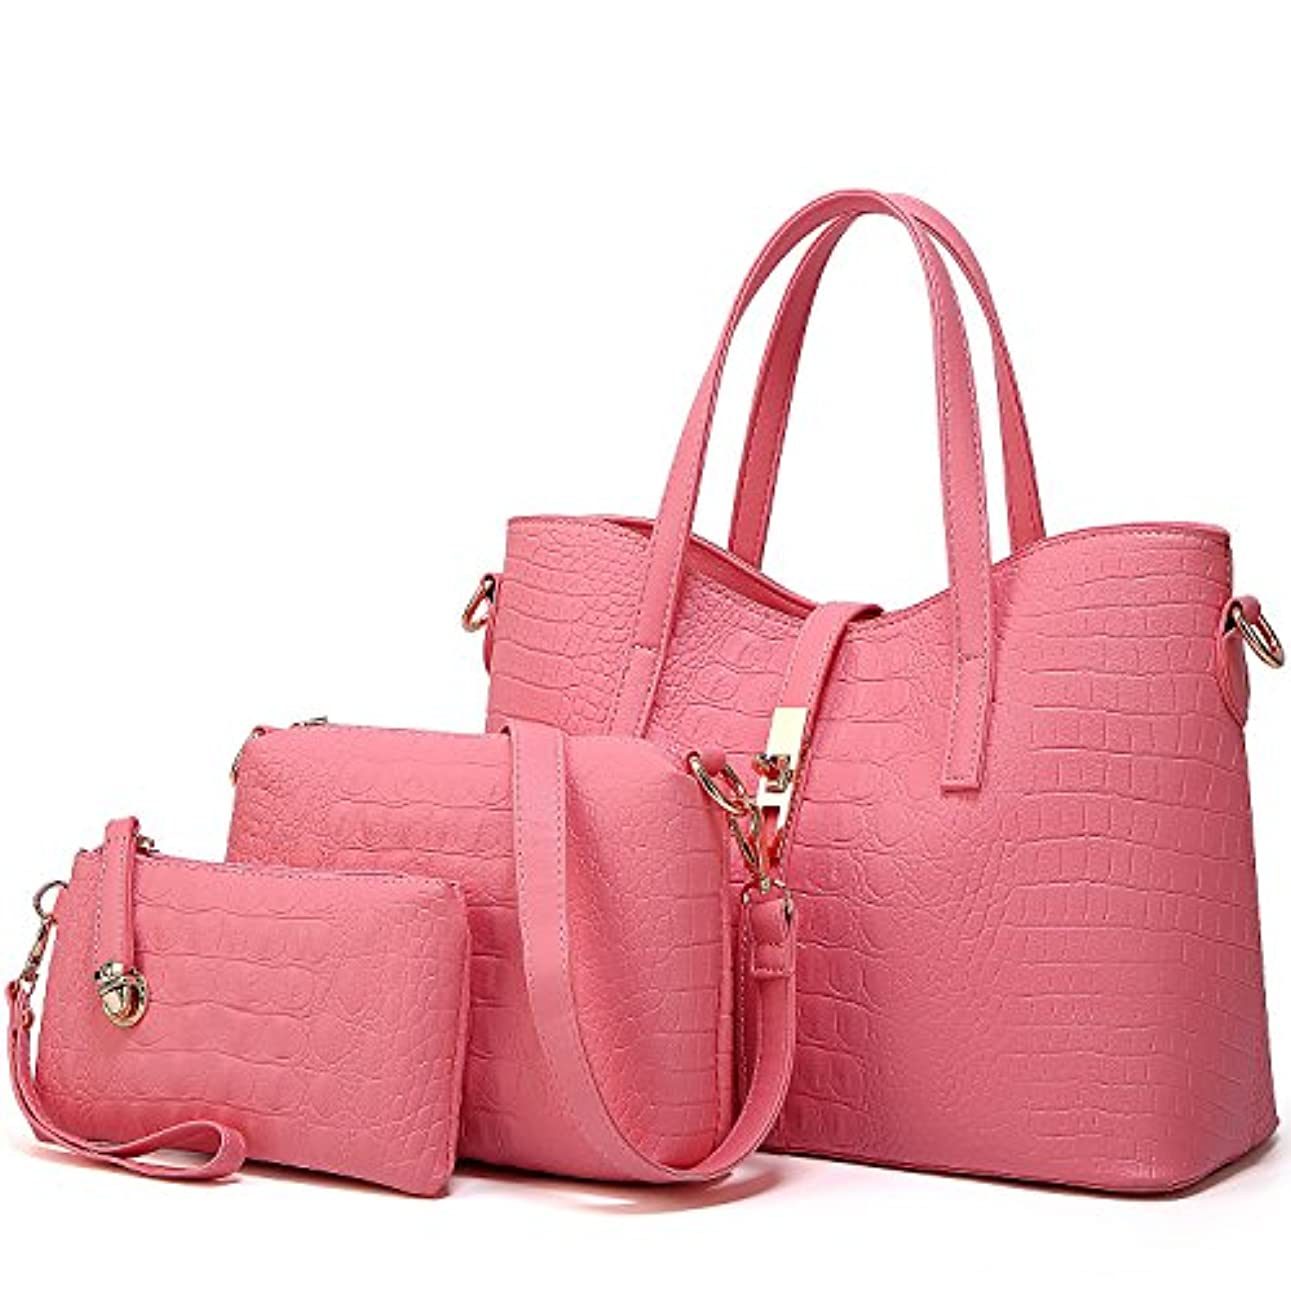 枯渇量富豪[TcIFE] ハンドバッグ レディース トートバッグ 大容量 無地 ショルダーバッグ 2way 財布とハンドバッグ